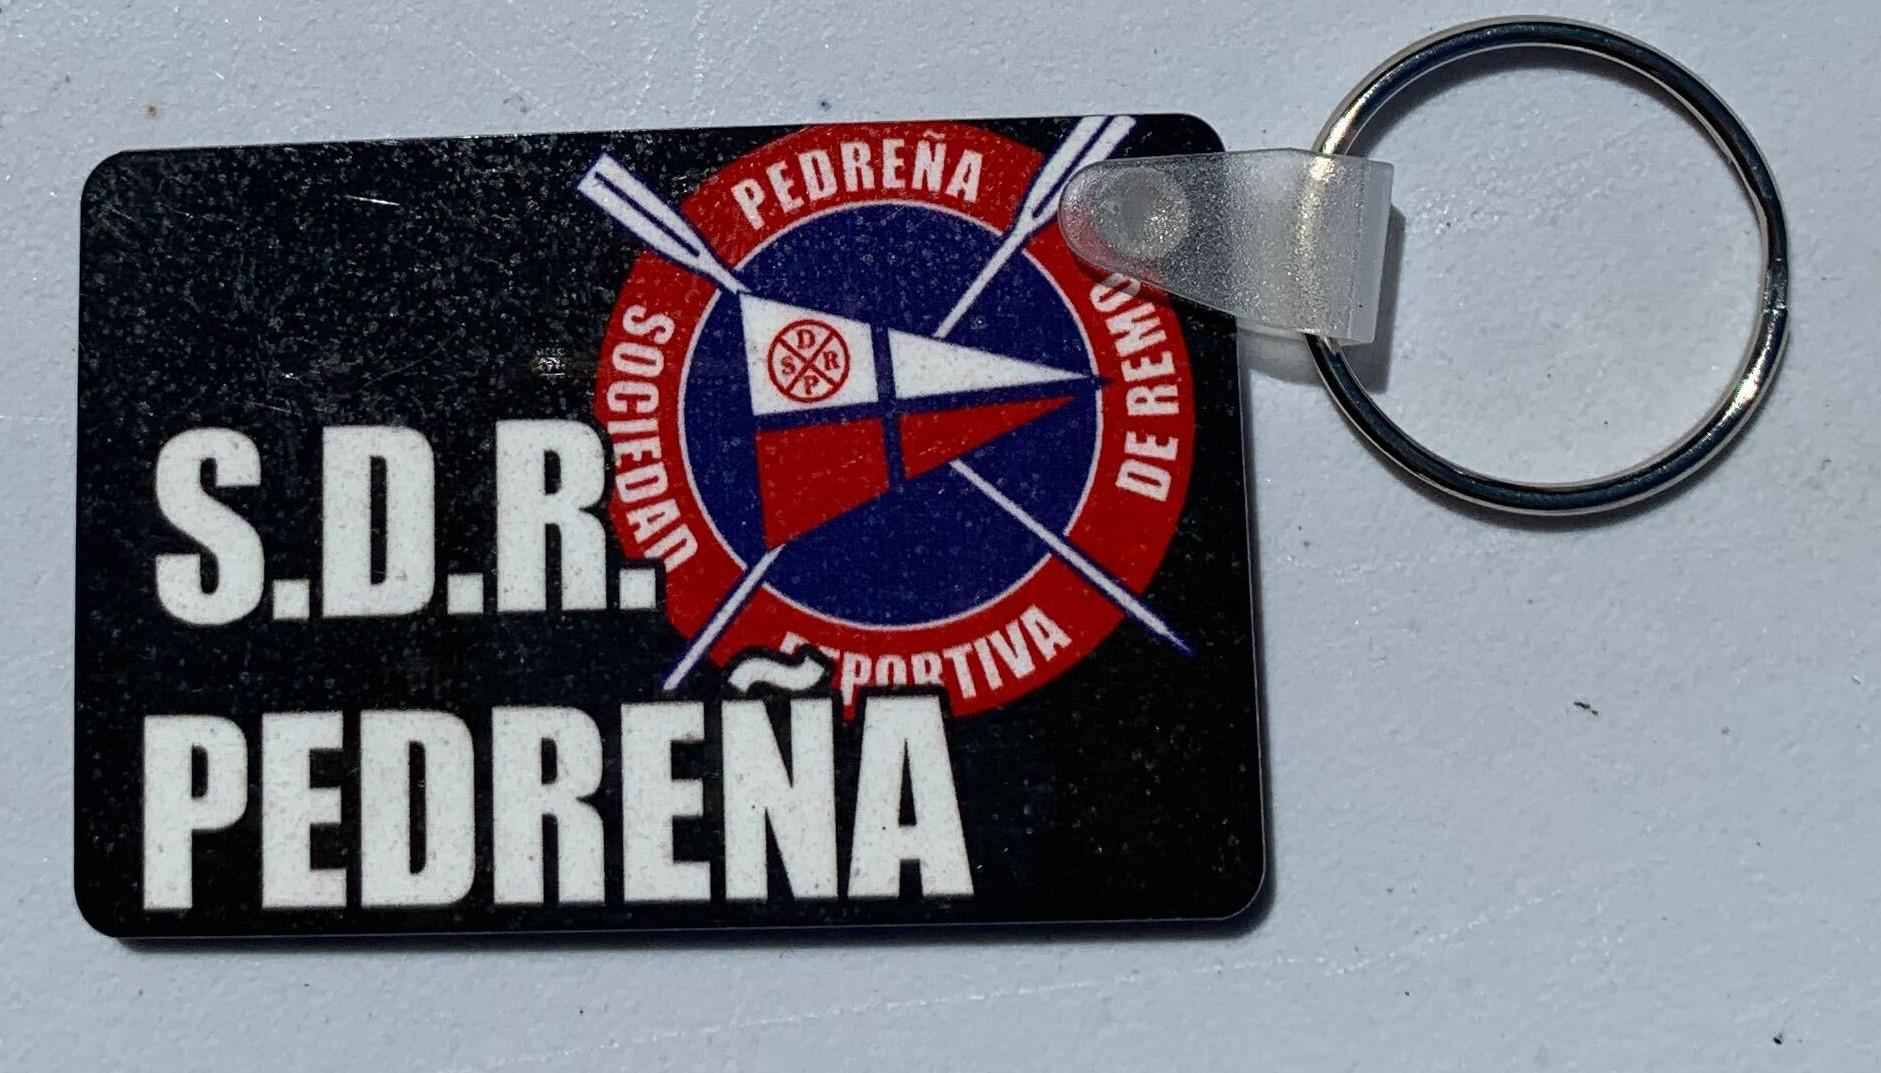 Llavero SDR Pedreña